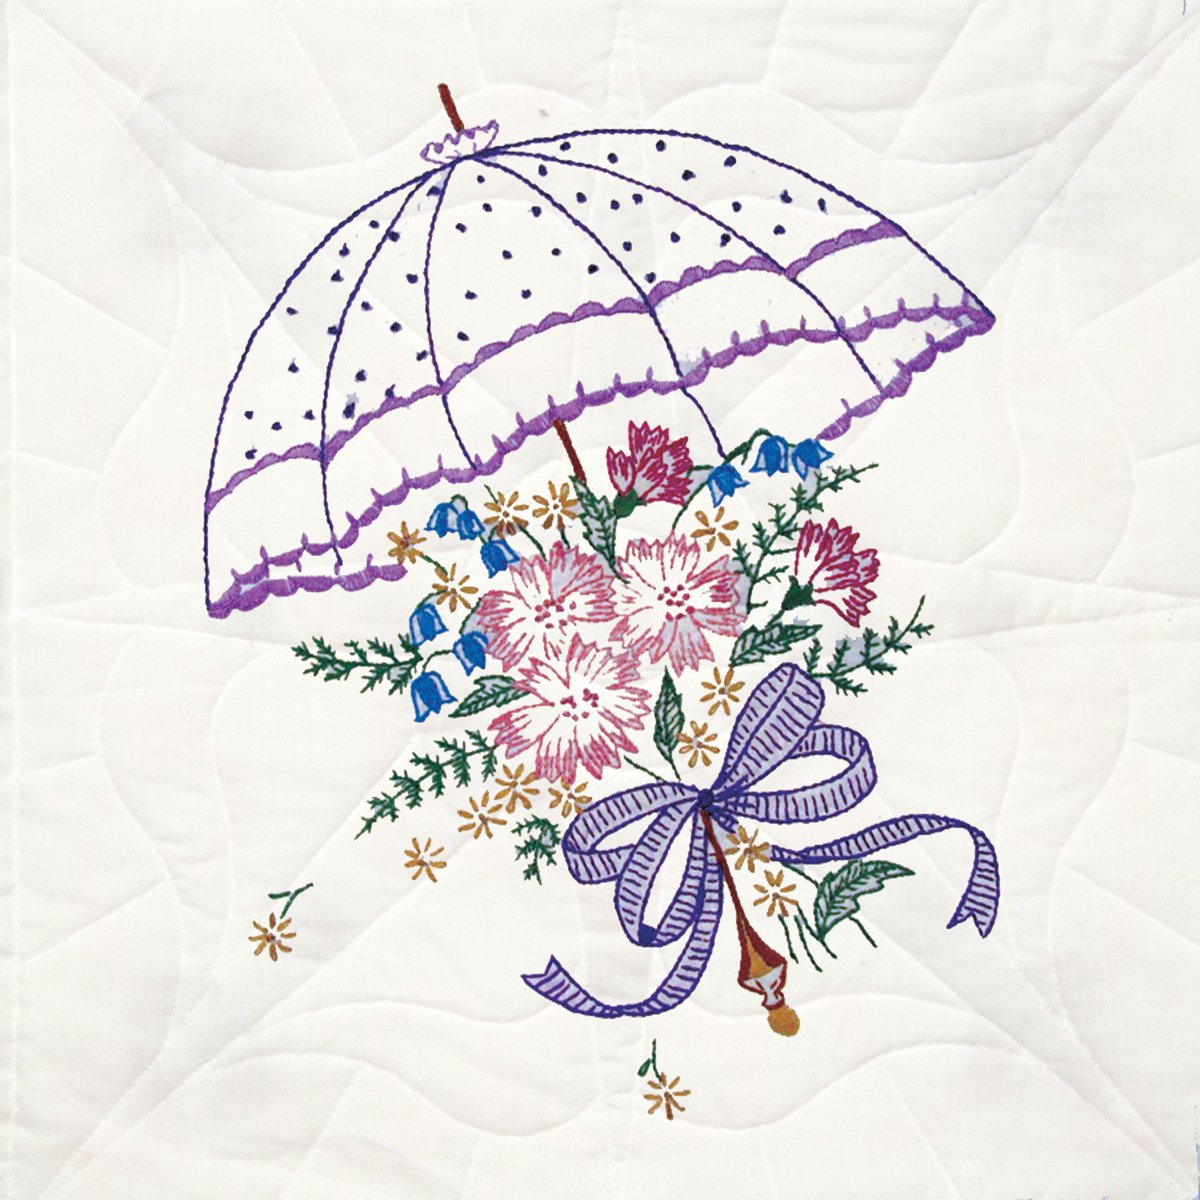 Fairway 92106 Quilt Blocks, Flower Umbrella Design, White, 6 Blocks Per Set Notions